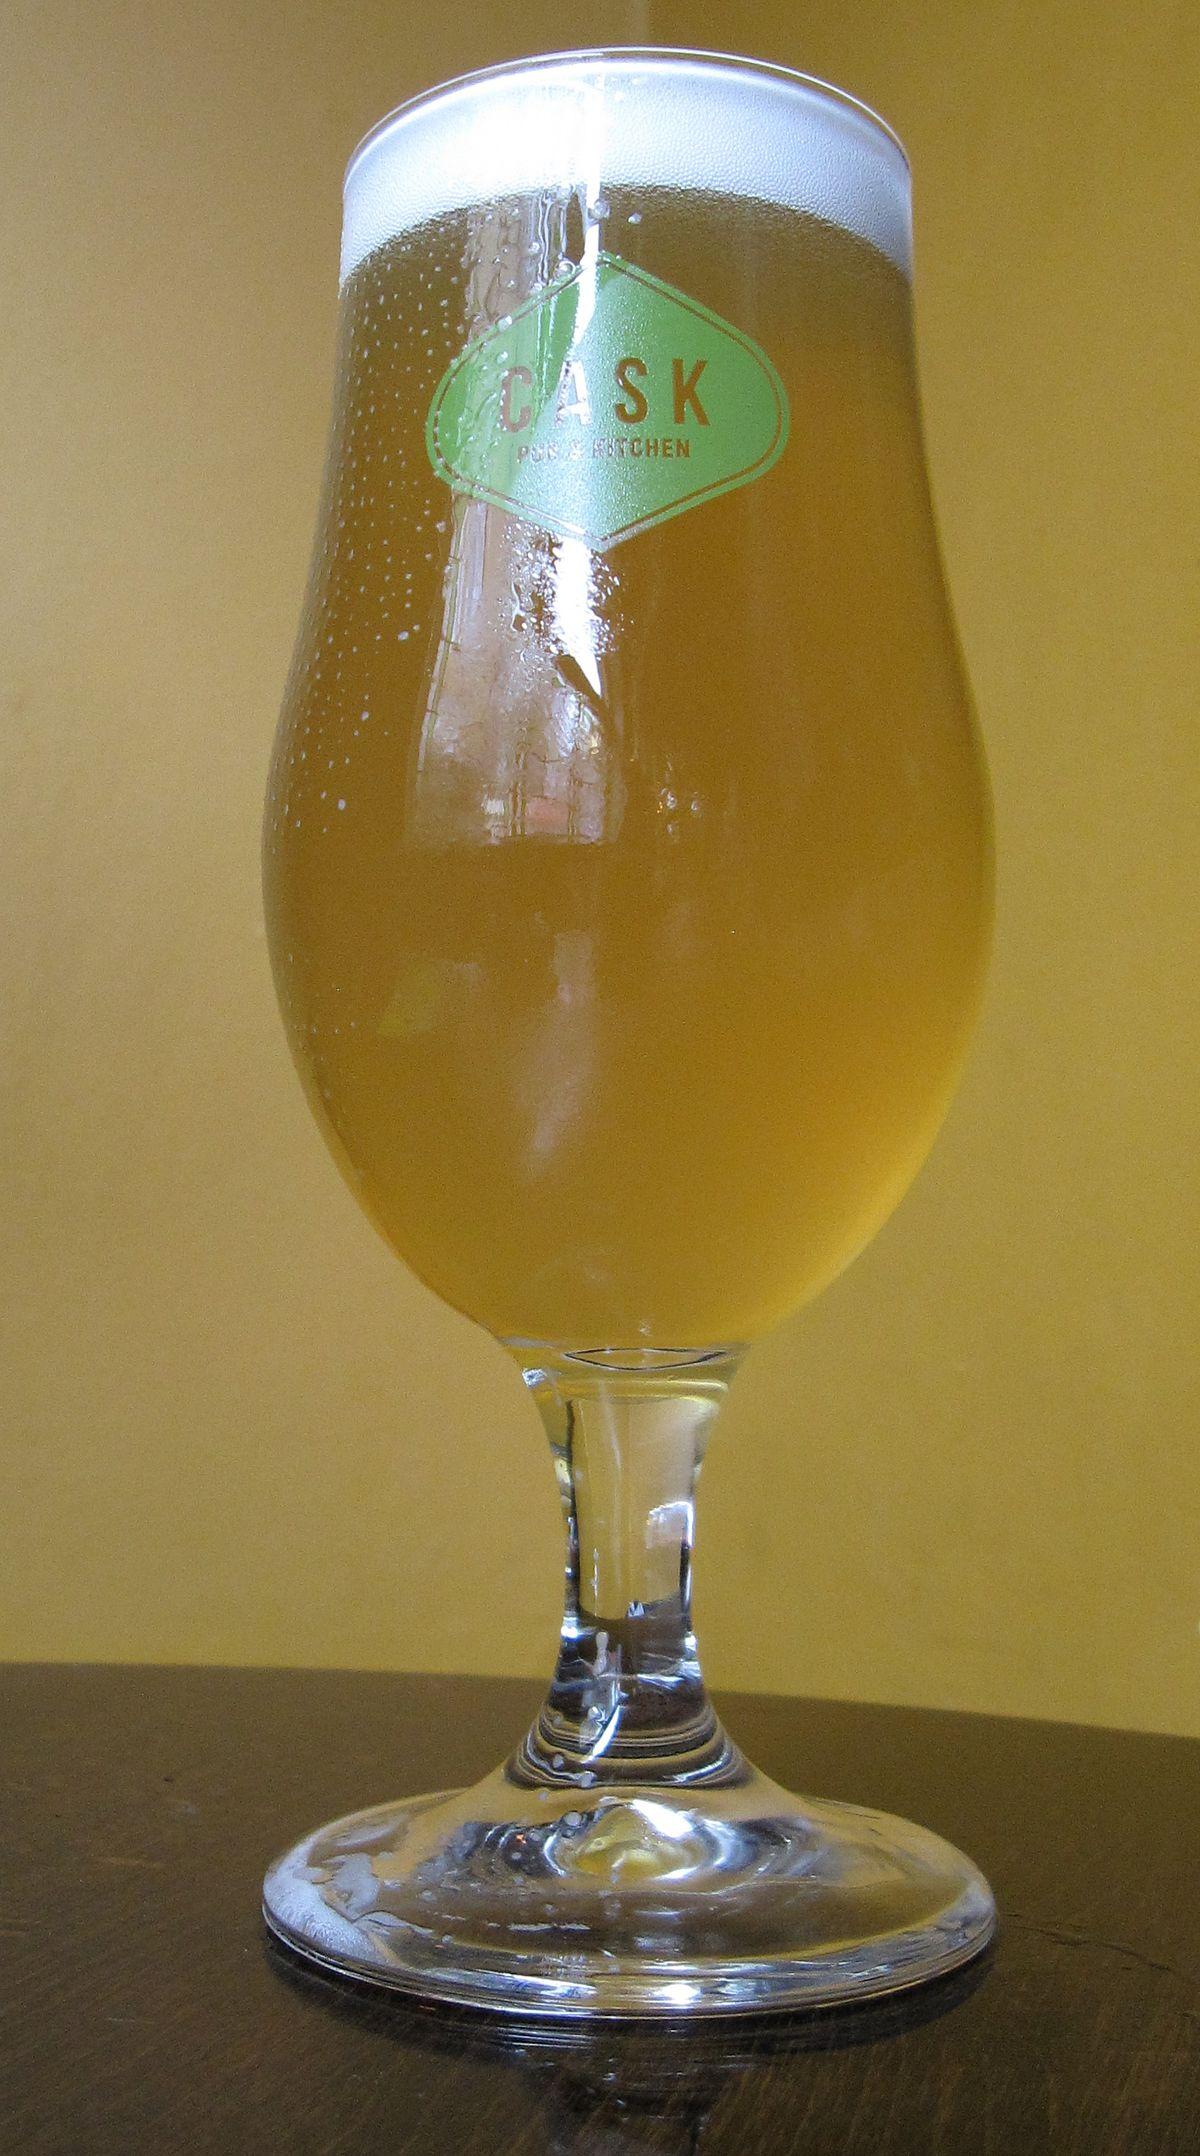 Гродзисское пиво